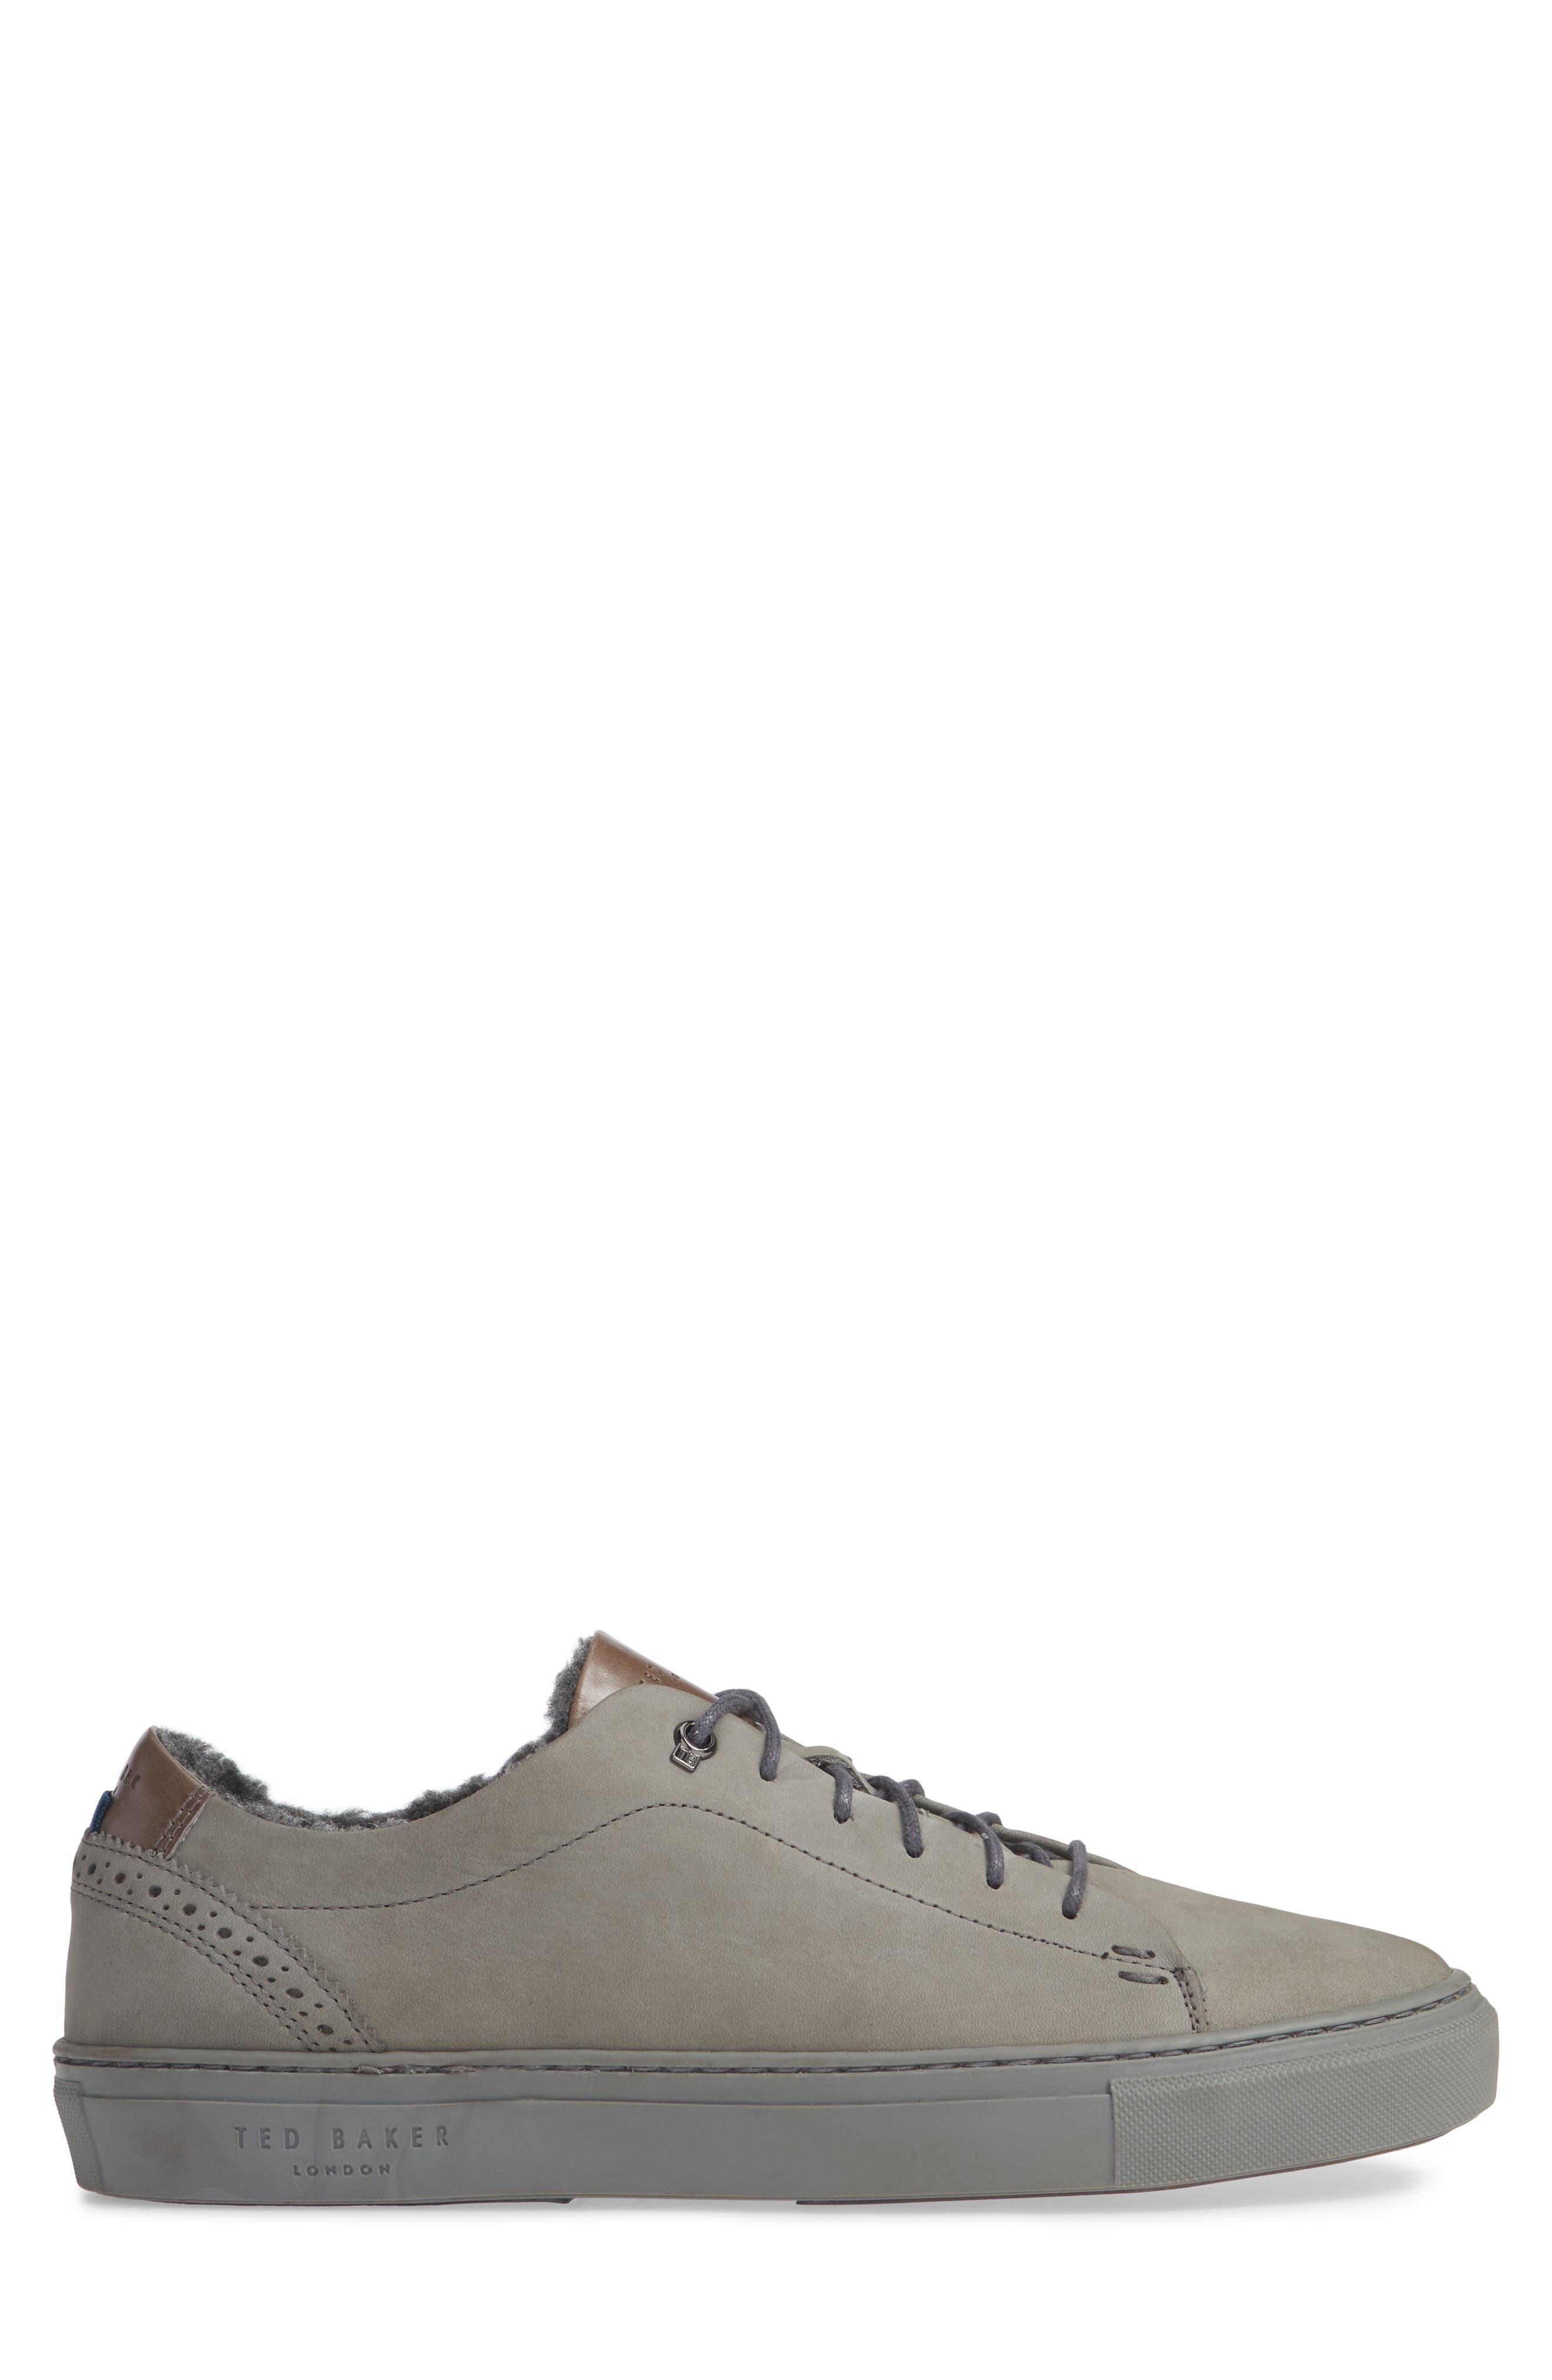 Dahvid Nubuck Sneaker,                             Alternate thumbnail 3, color,                             GREY NUBUCK